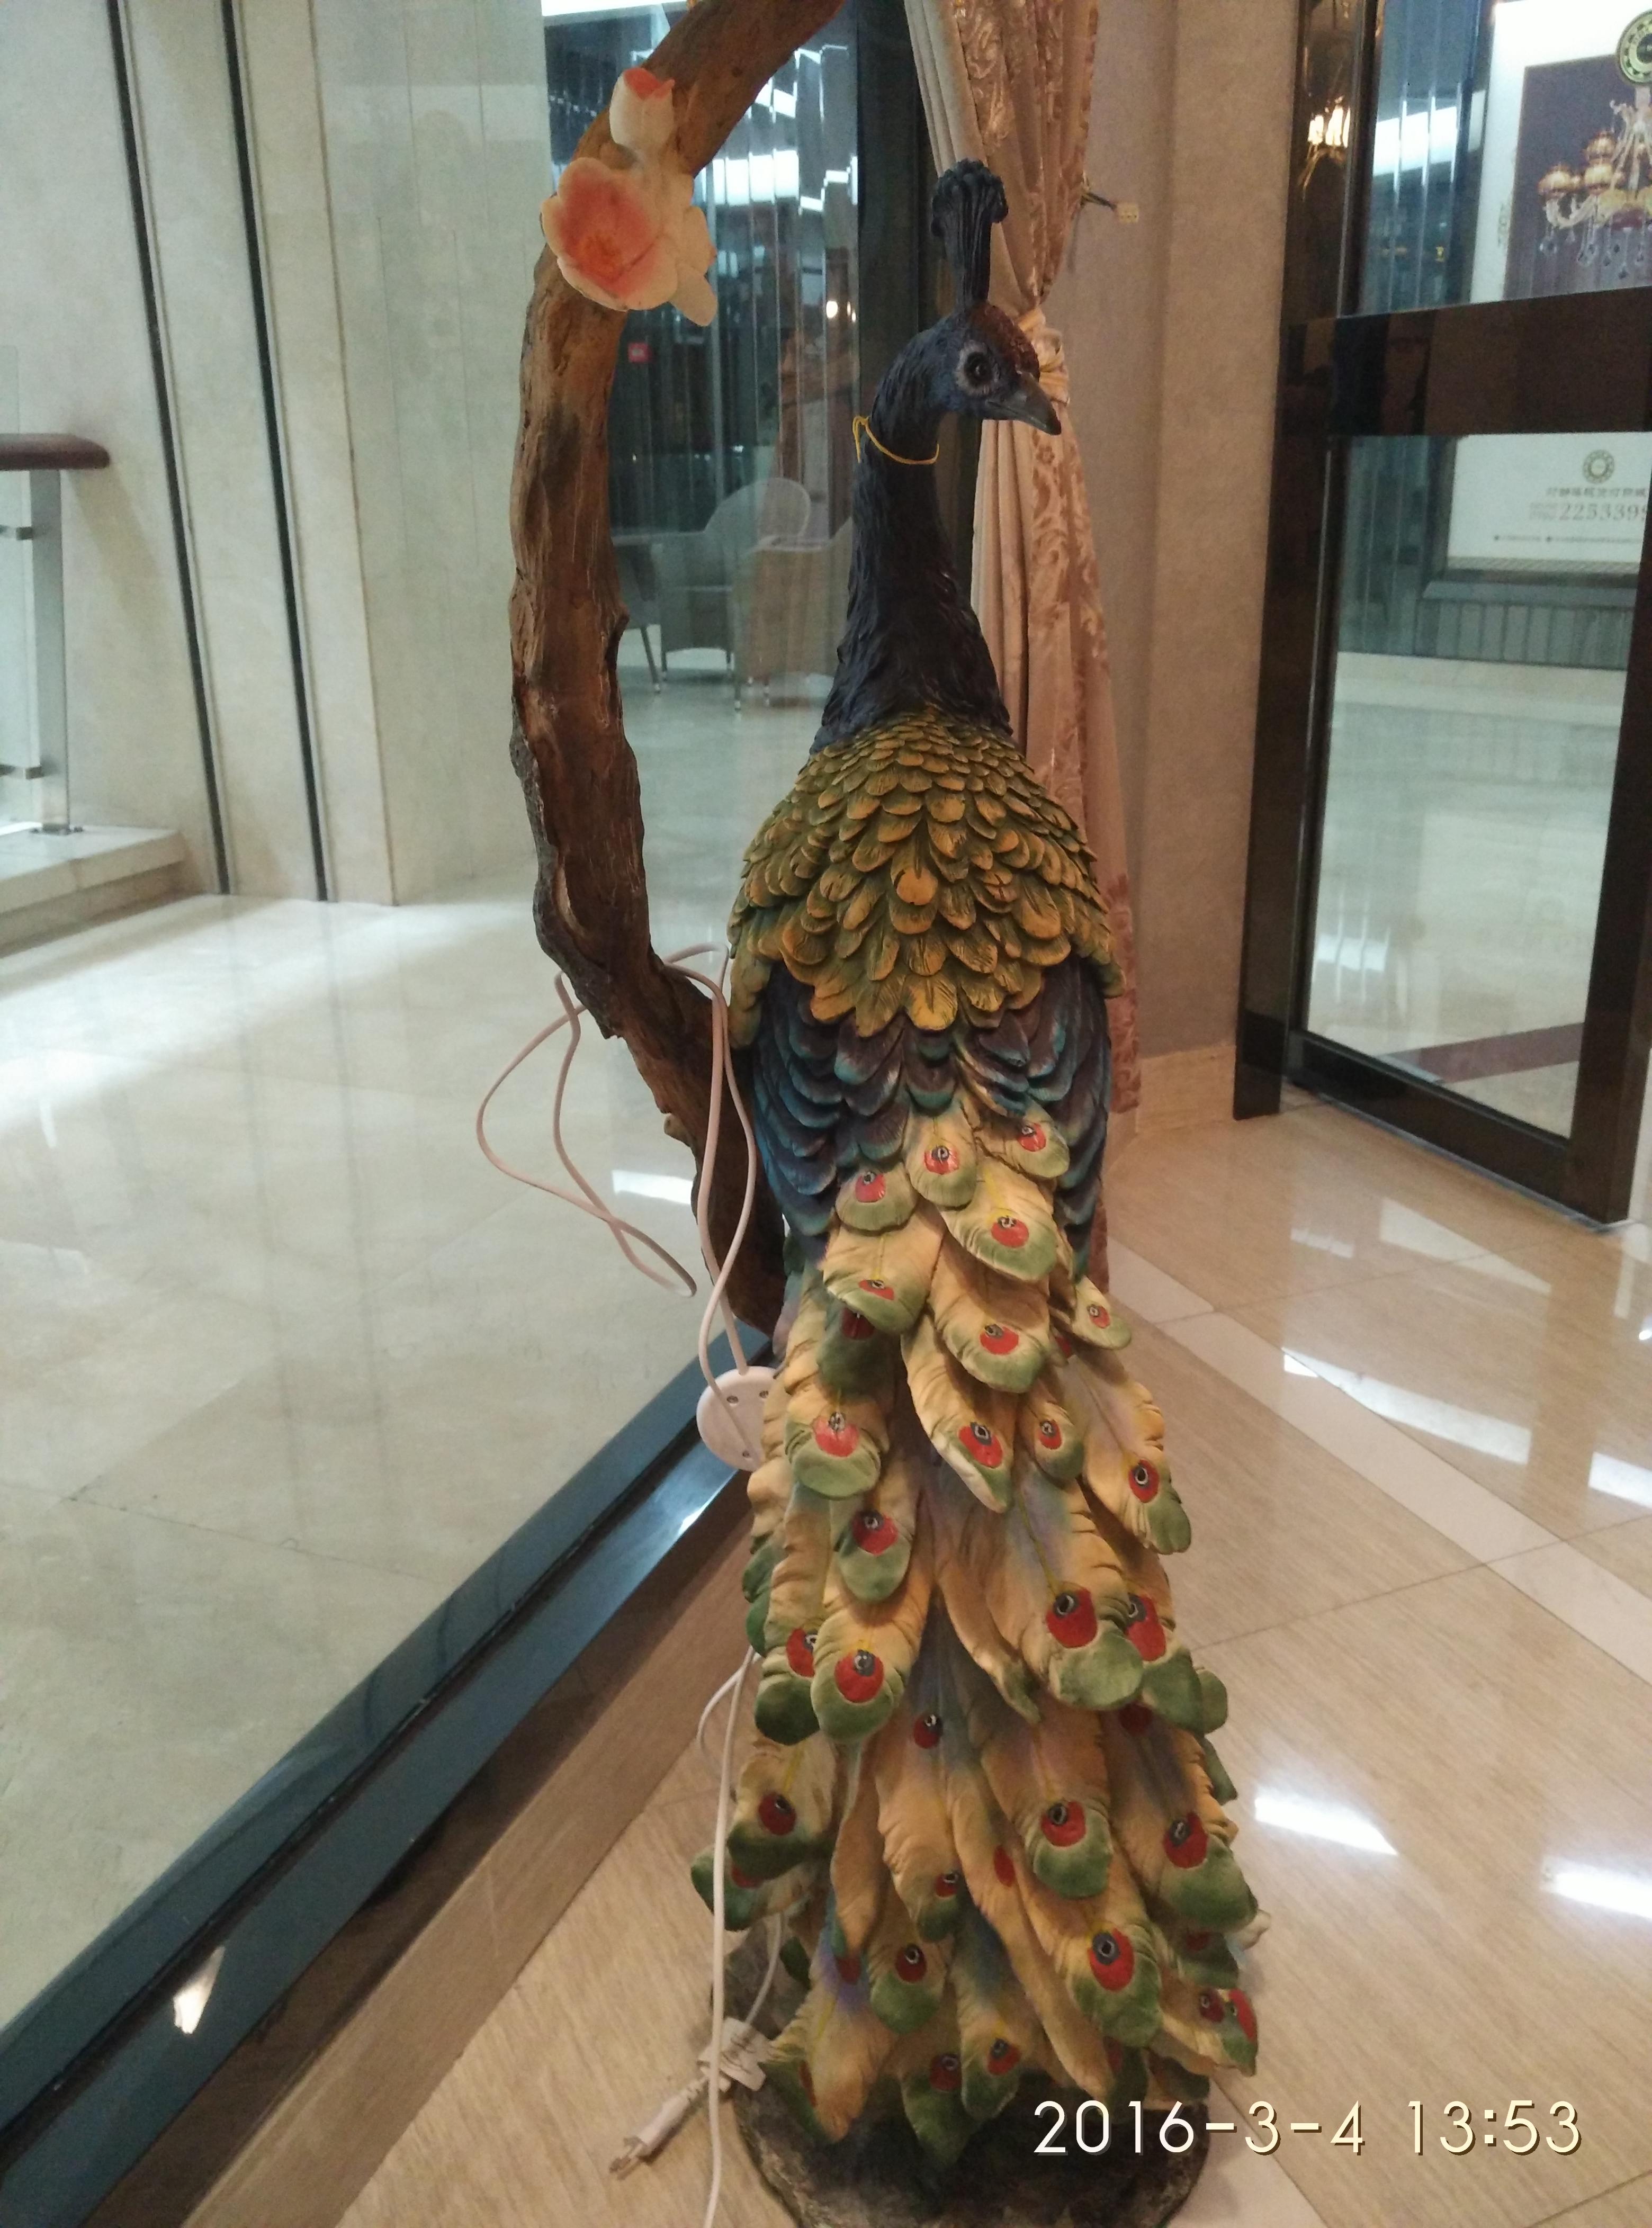 供应中式雕刻树脂孔雀风水摆件落地灯 中式落地灯雕刻树脂孔雀风水摆件